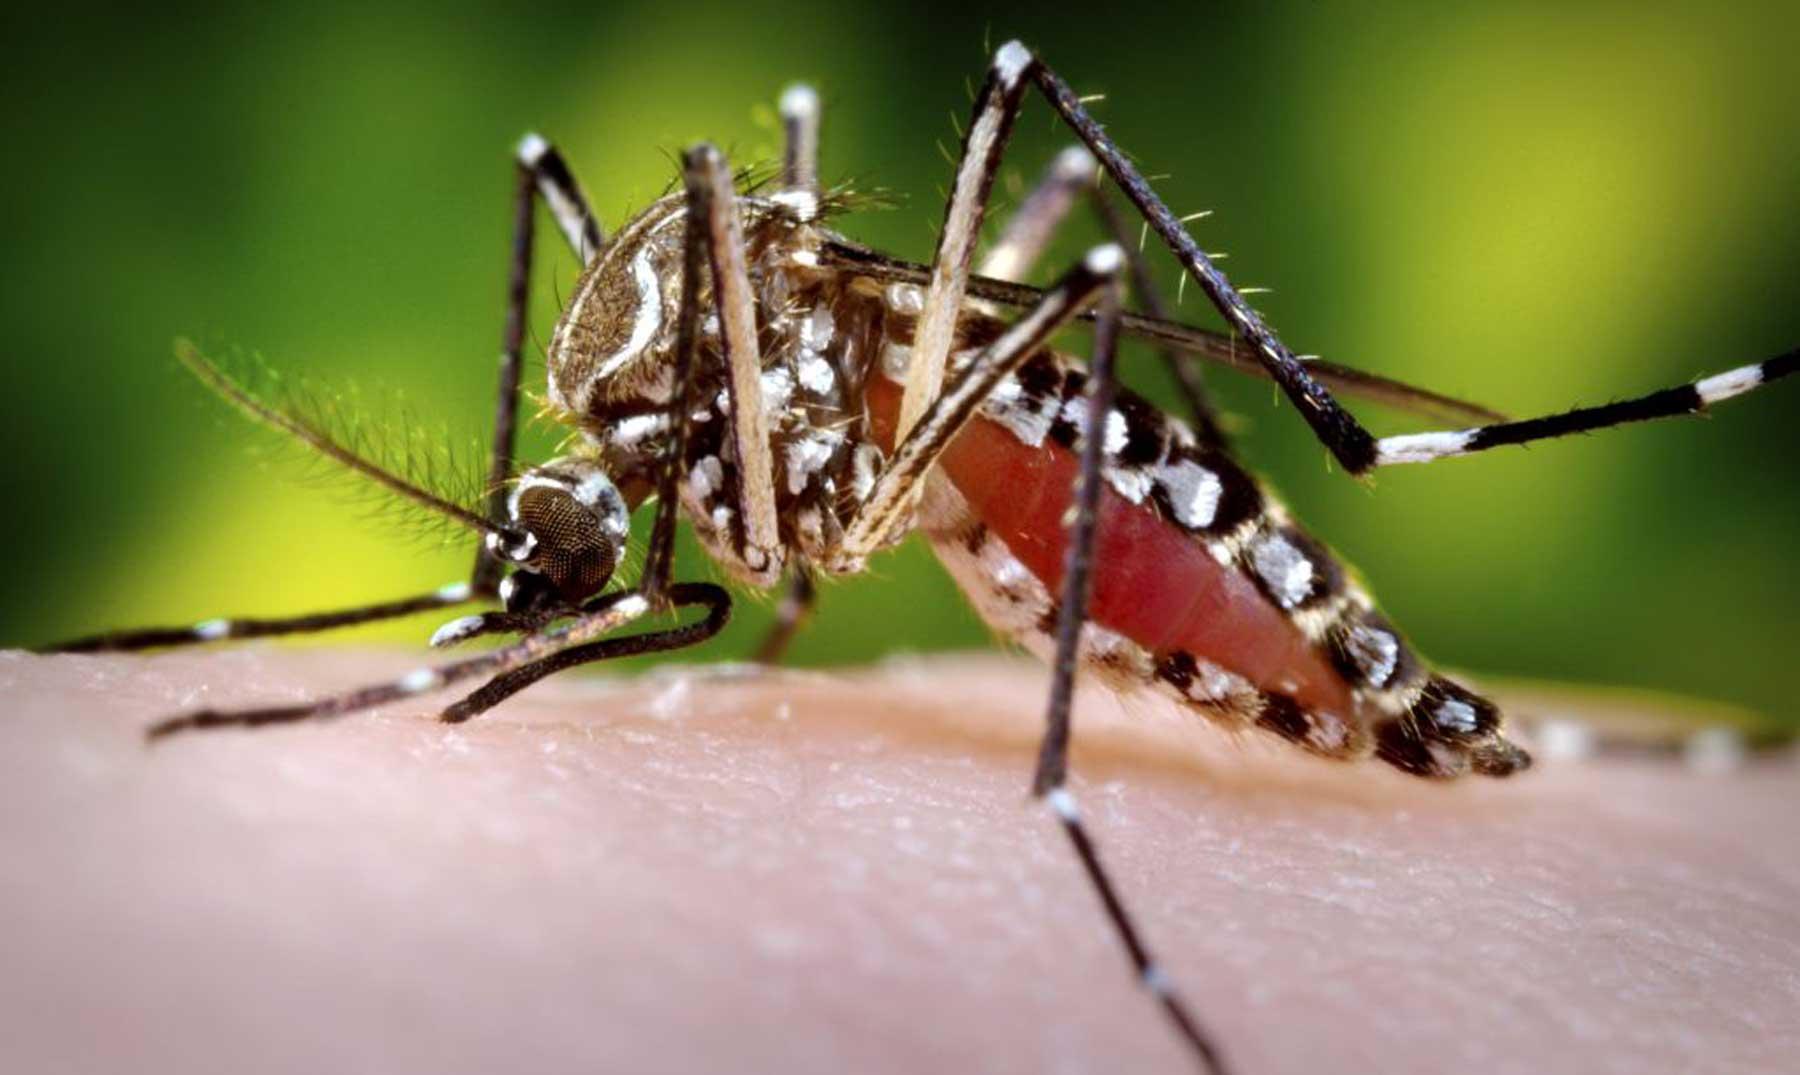 ¿Por qué a unas personas les pican más los mosquitos que a otras?